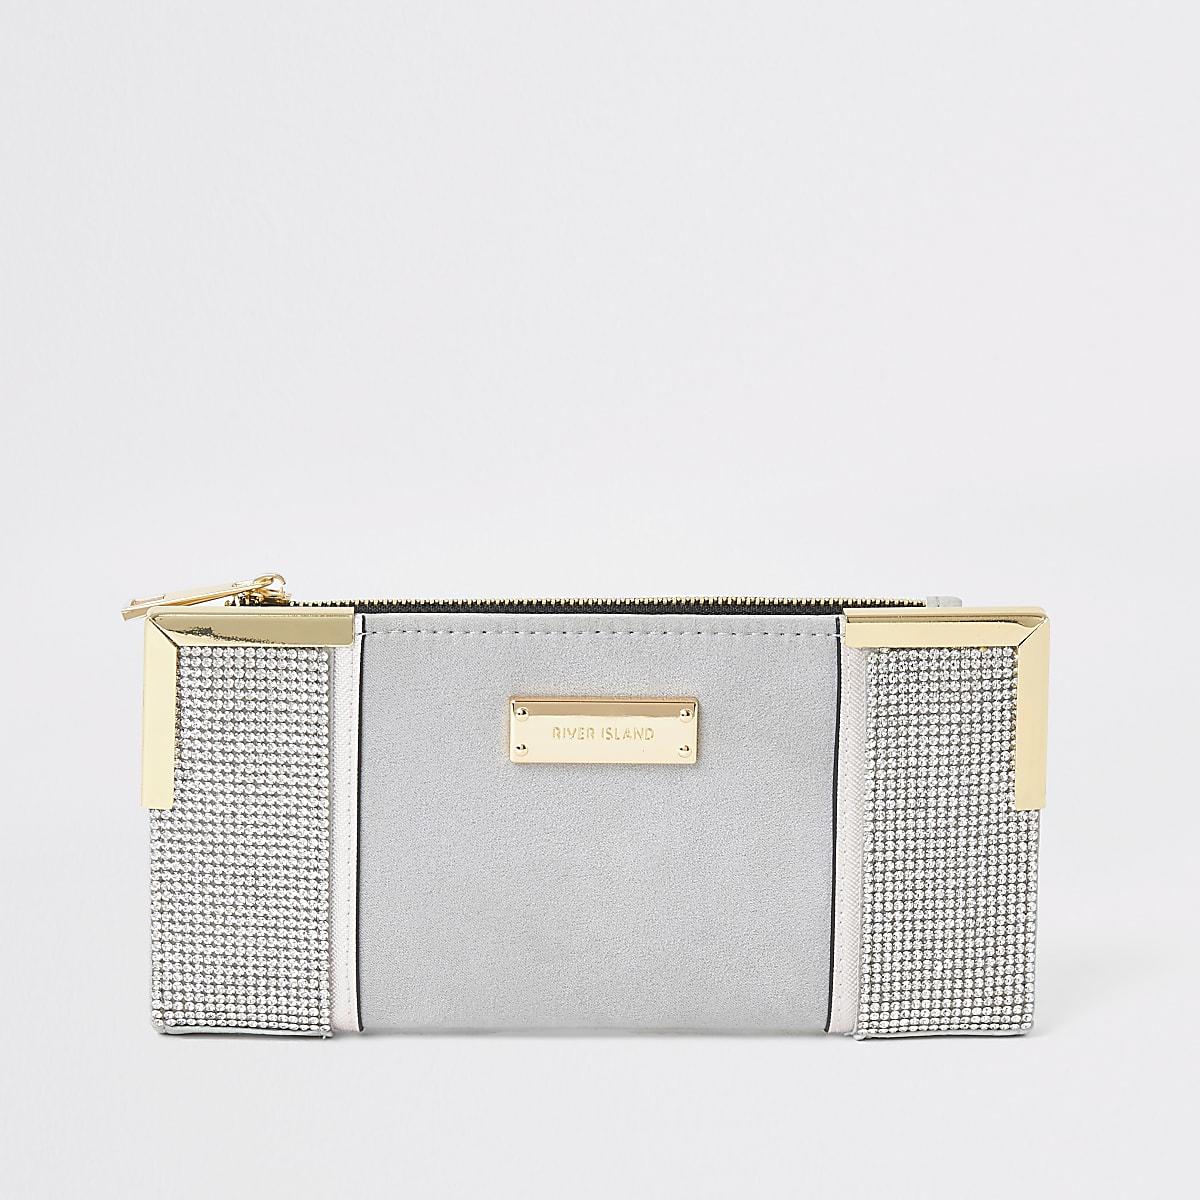 Grijze uitvouwbare portemonnee met metalen hoeken en siersteentjes